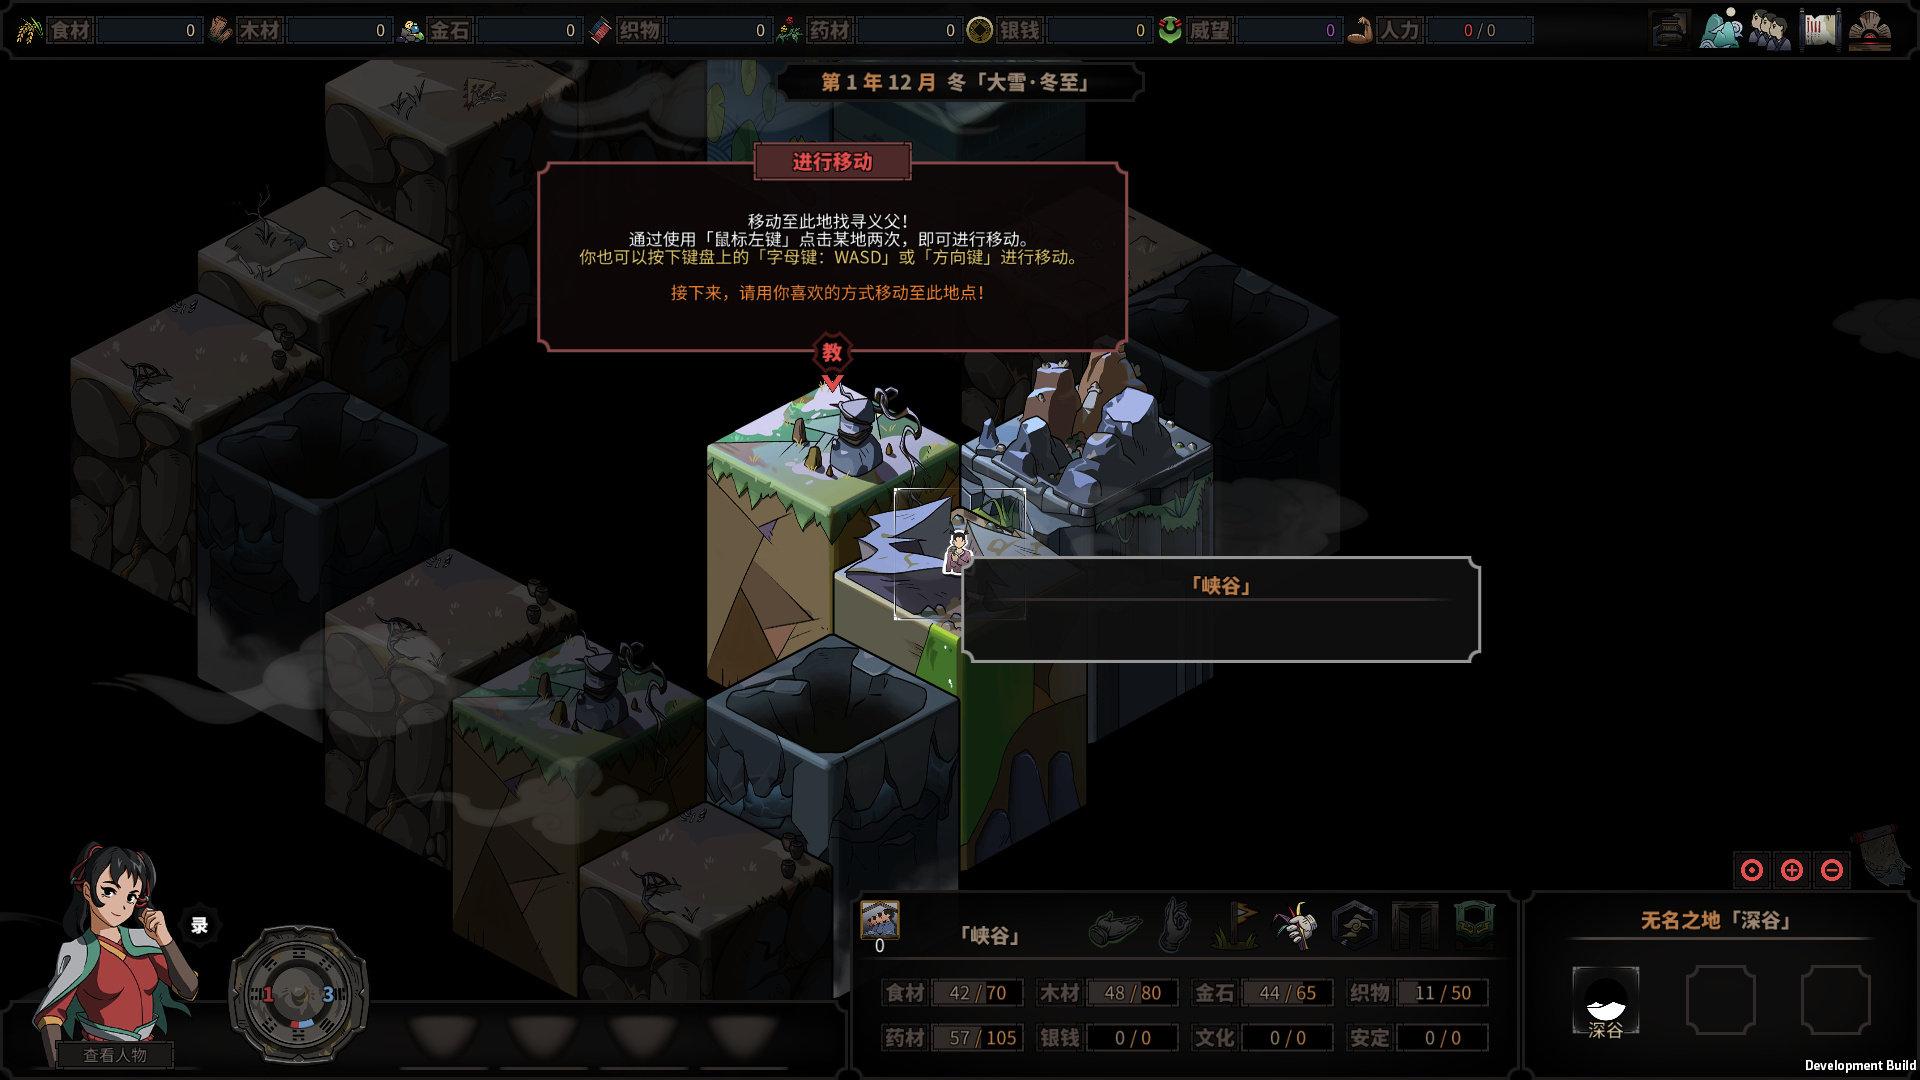 目前steam很火的两款游戏中国式家长和太吾绘卷